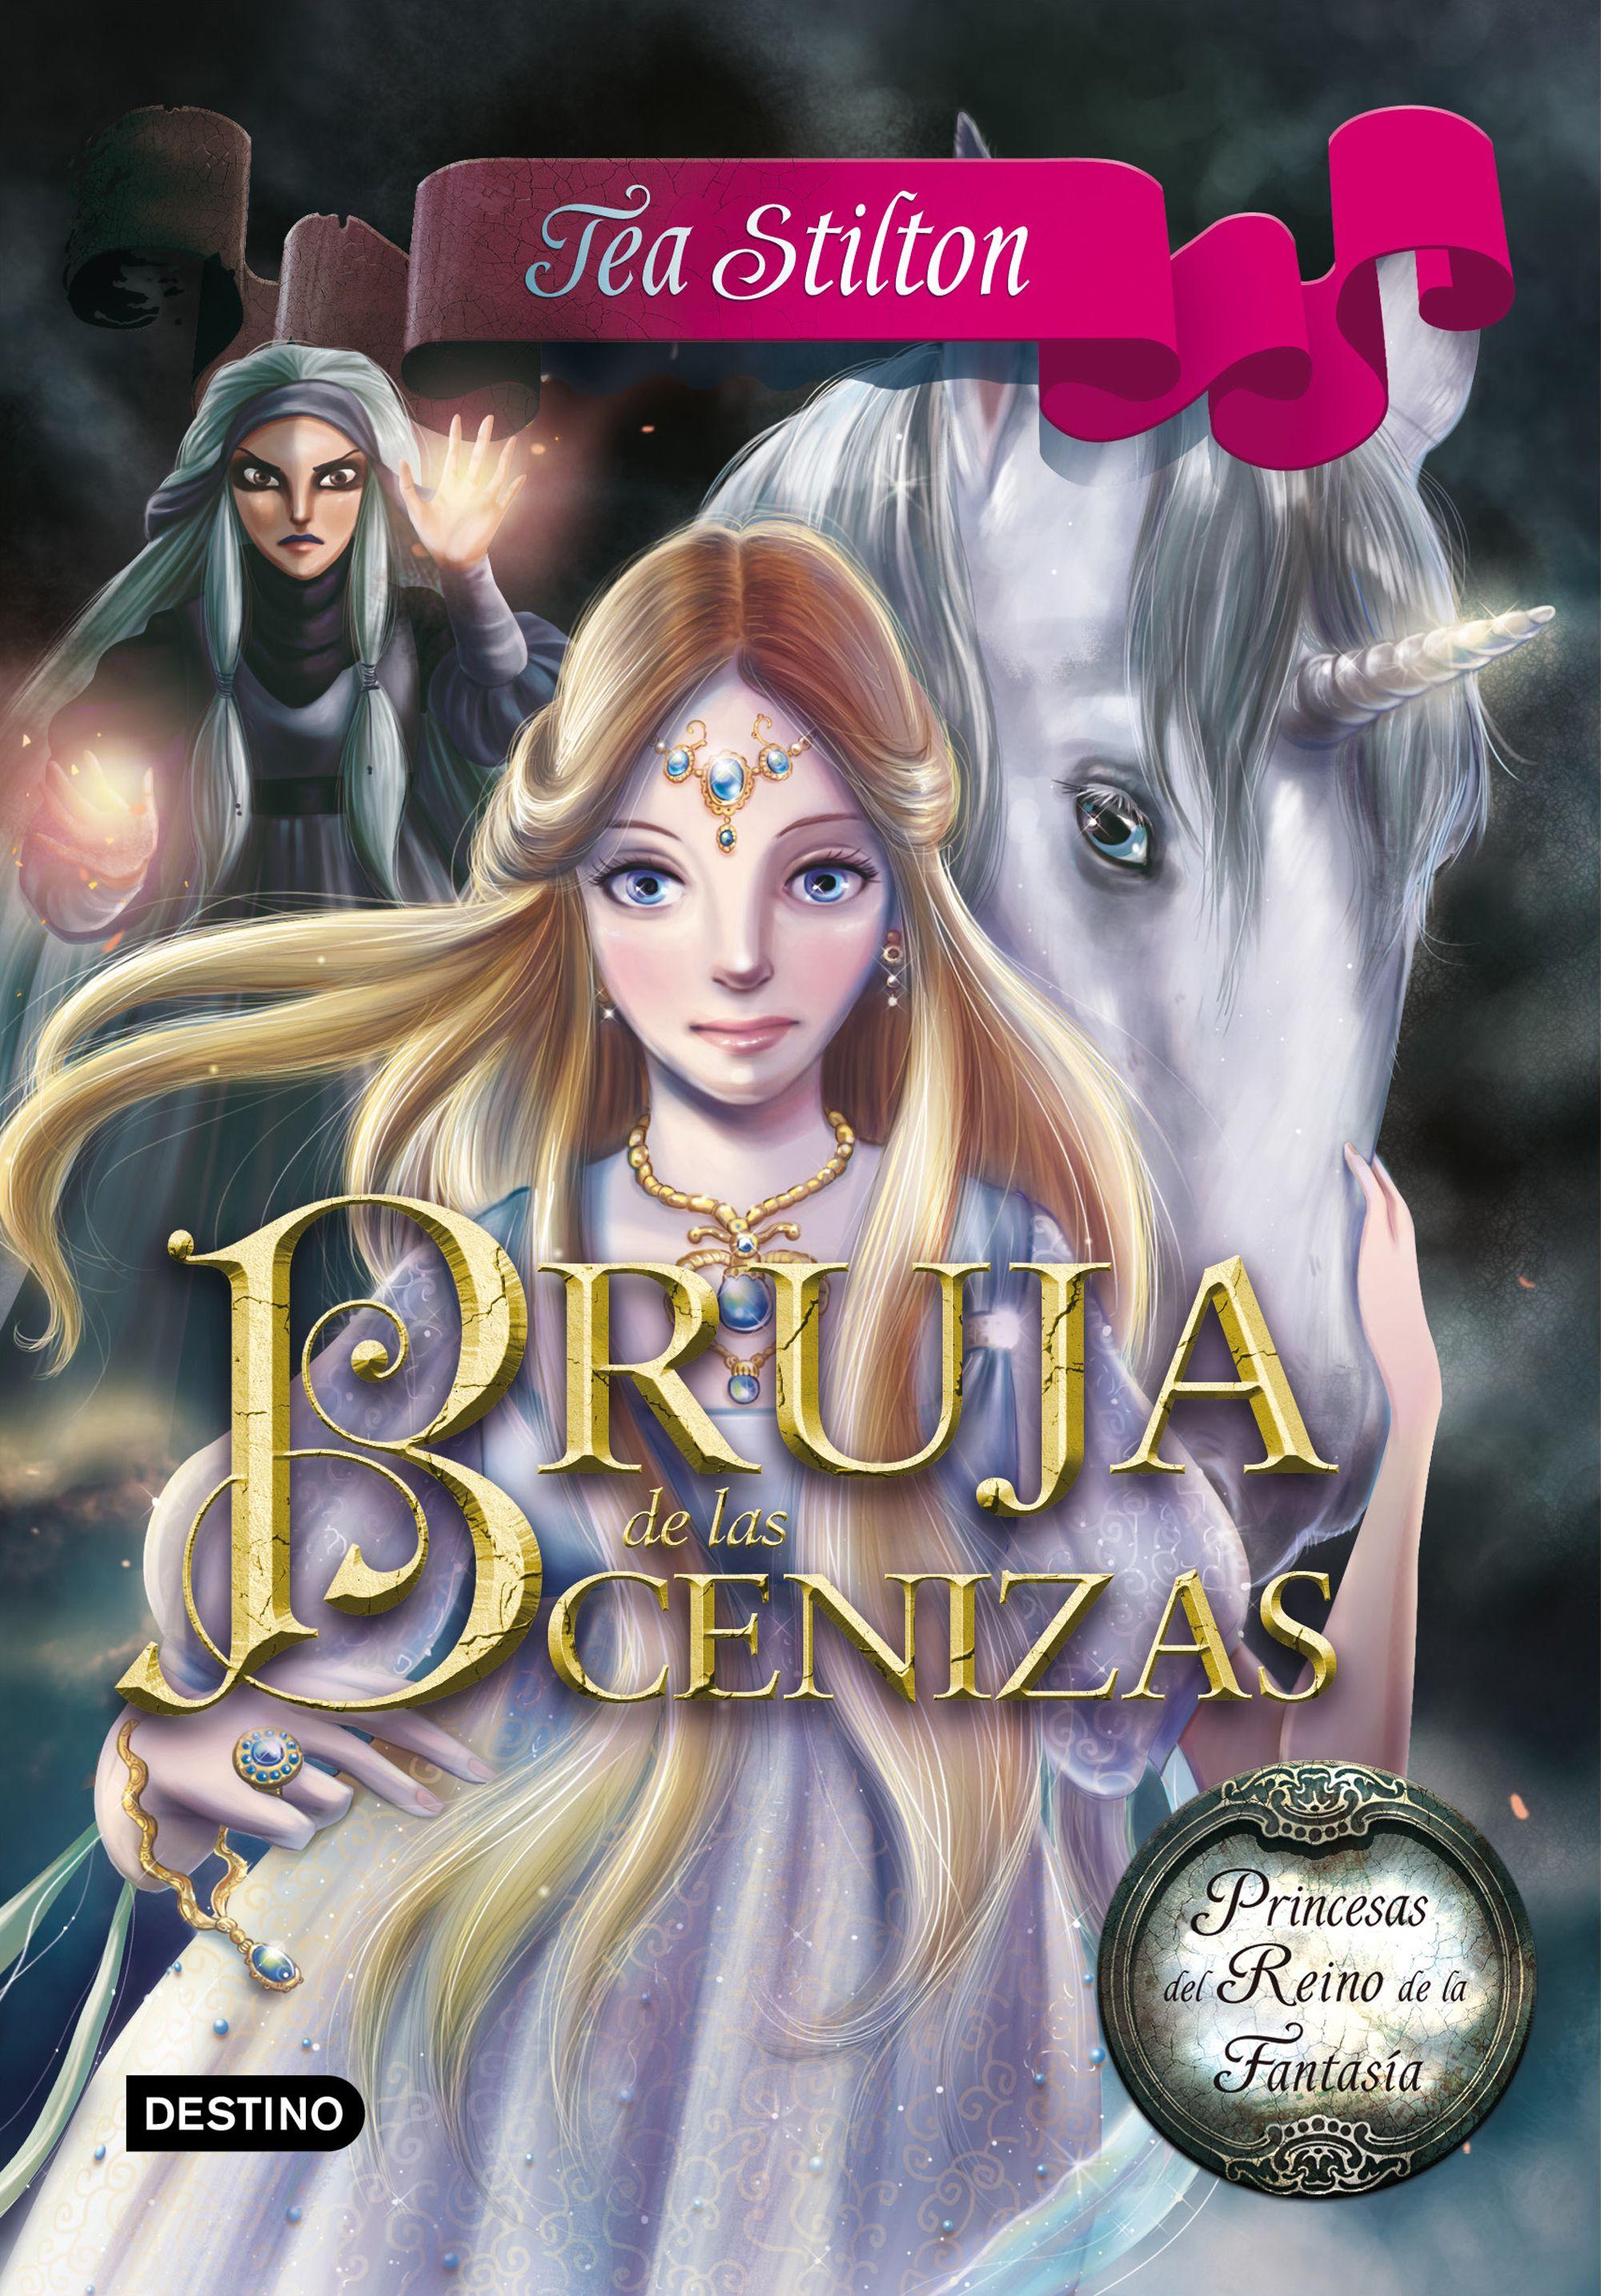 Princesas Del Reino De La Fantasia 11:bruja De Las Cenizas por Tea Stilton